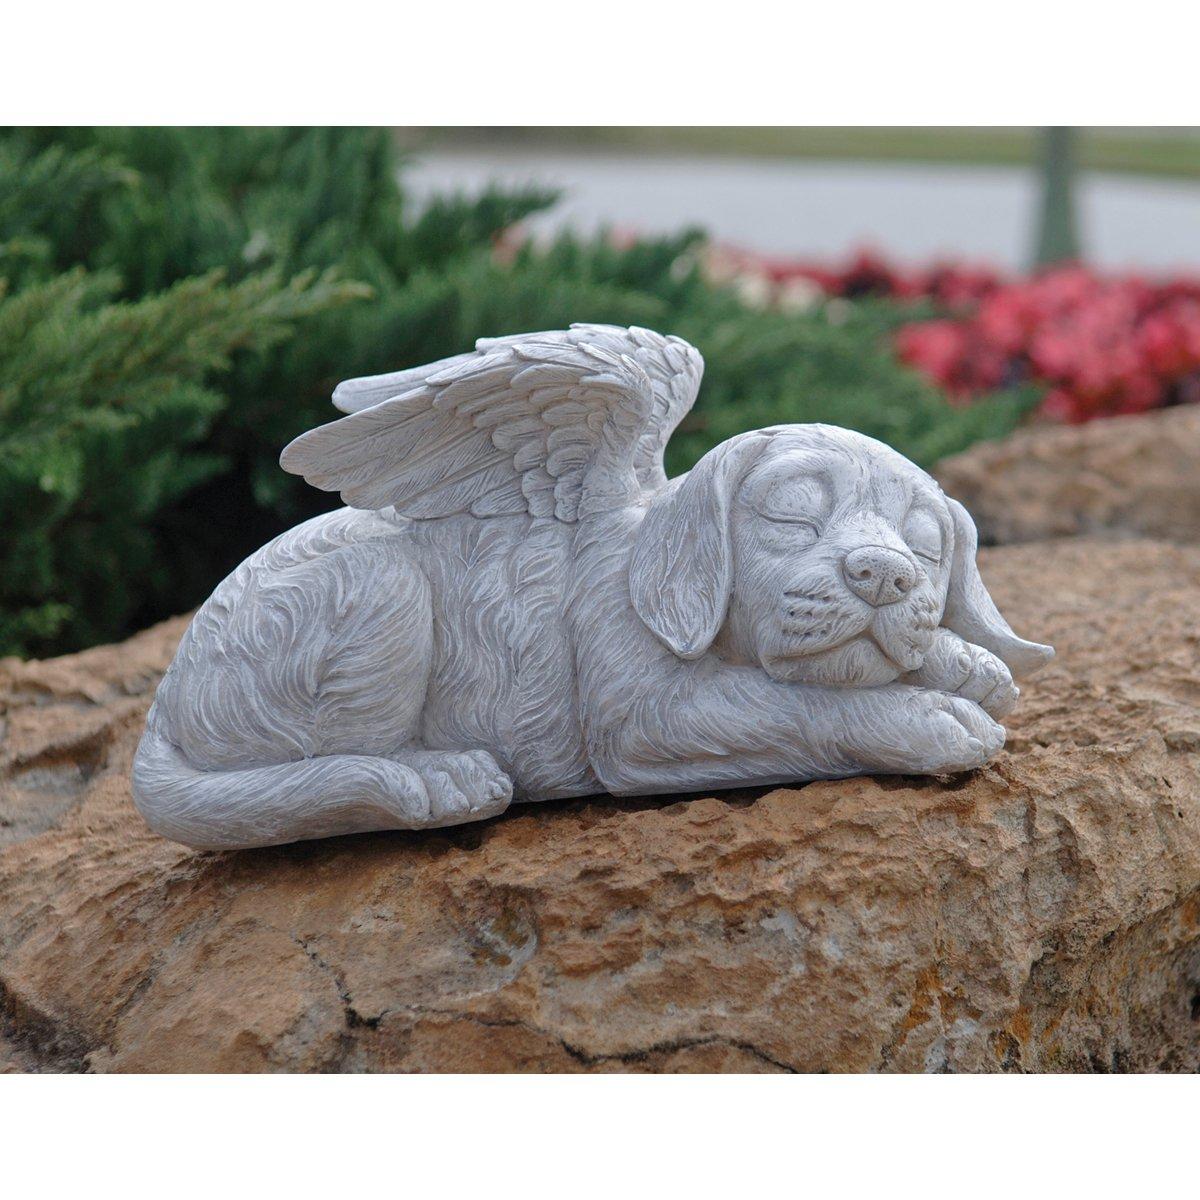 Amazon.com : Design Toscano Dog Memorial Angel Pet Statue : Outdoor Statues  : Garden U0026 Outdoor